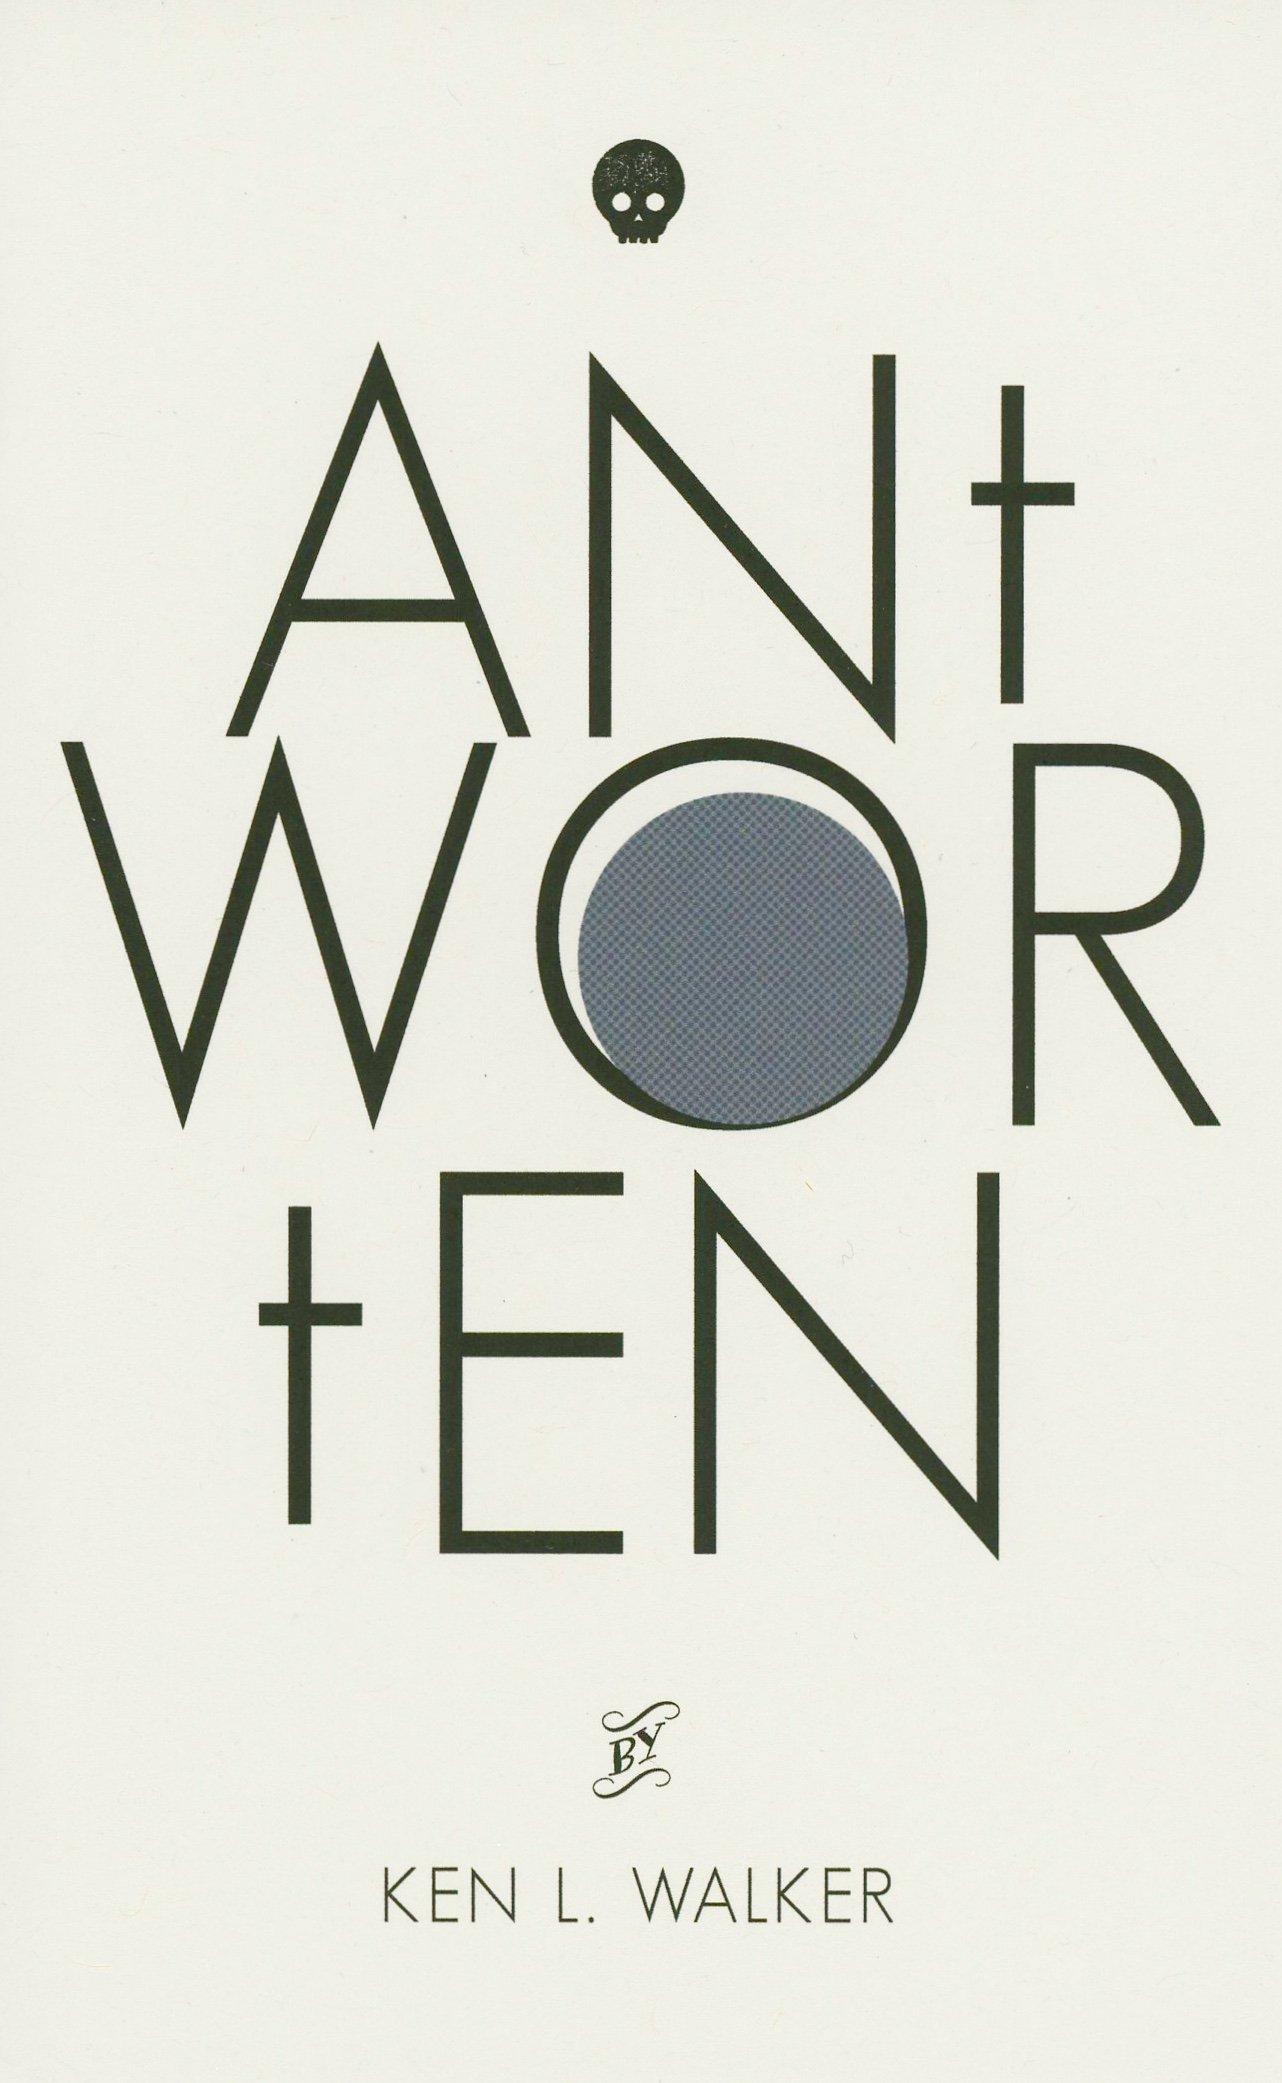 Image of Antworten By Ken L. Walker